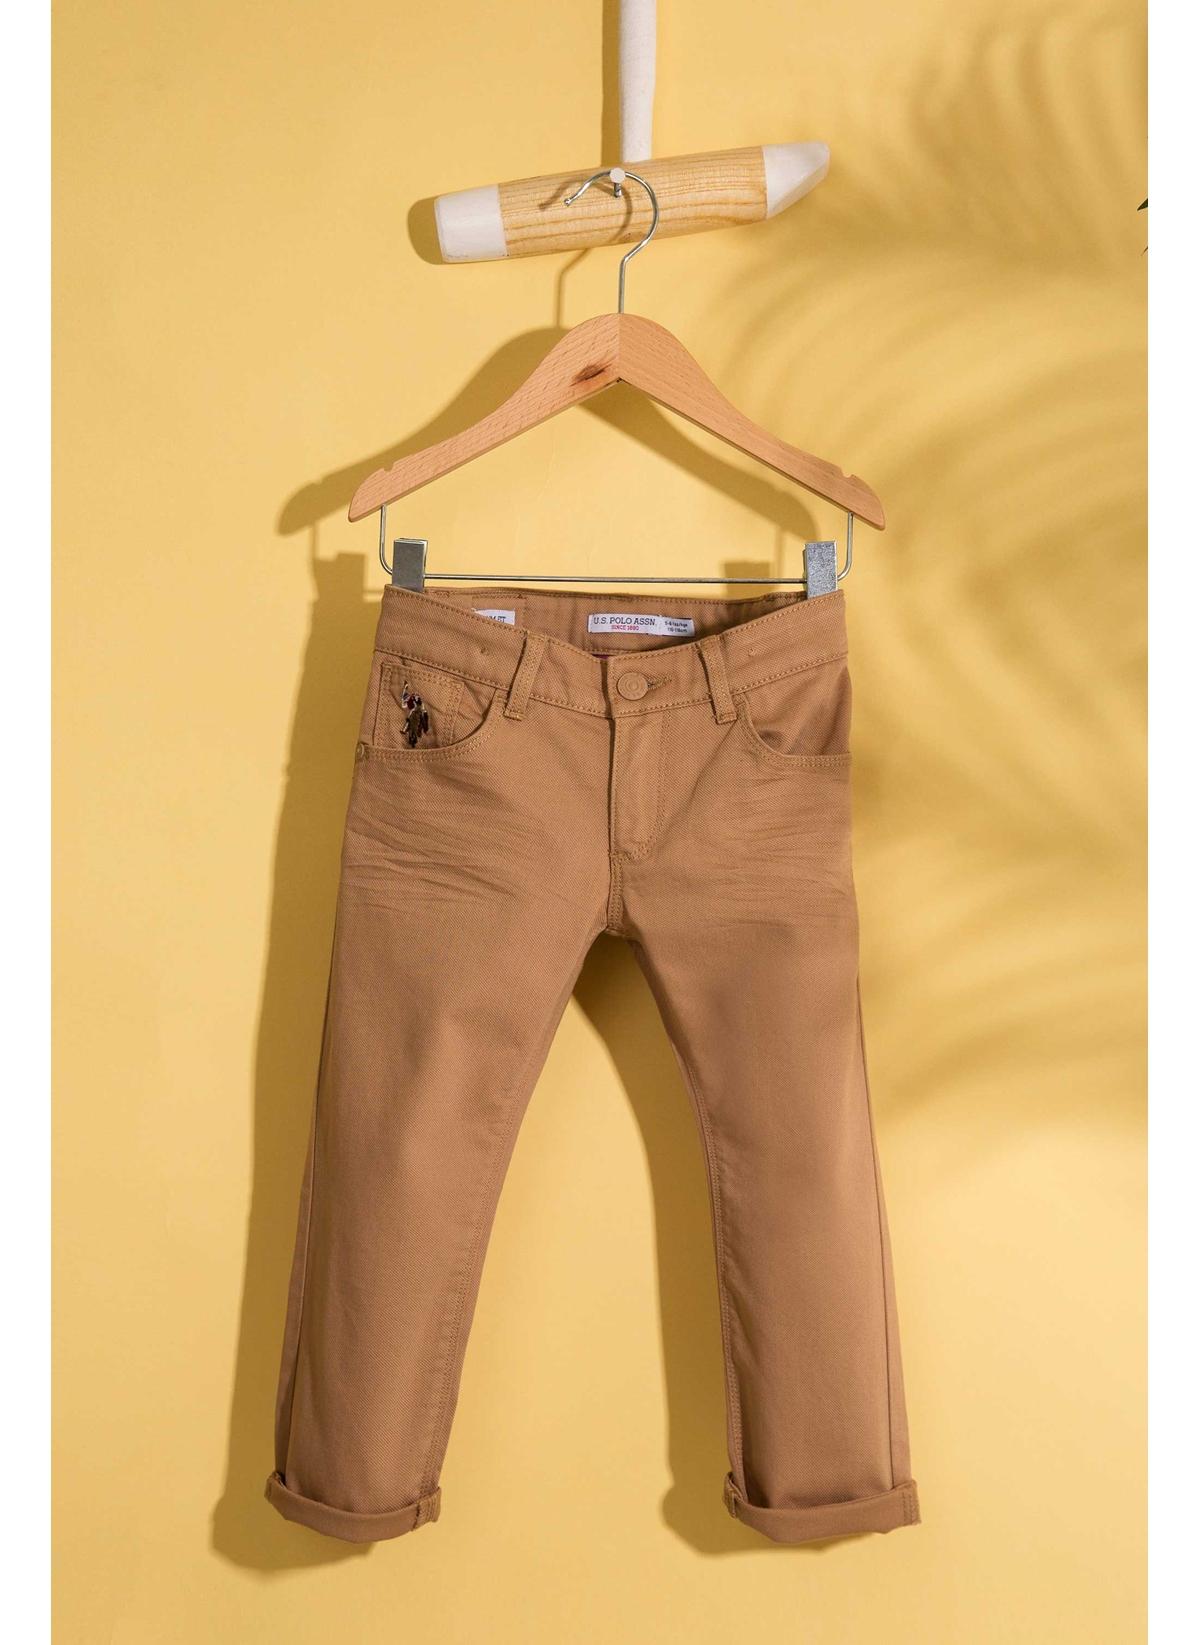 U.S. Polo Assn. Pantolon 4 Yaş 5001704580006 Ürün Resmi